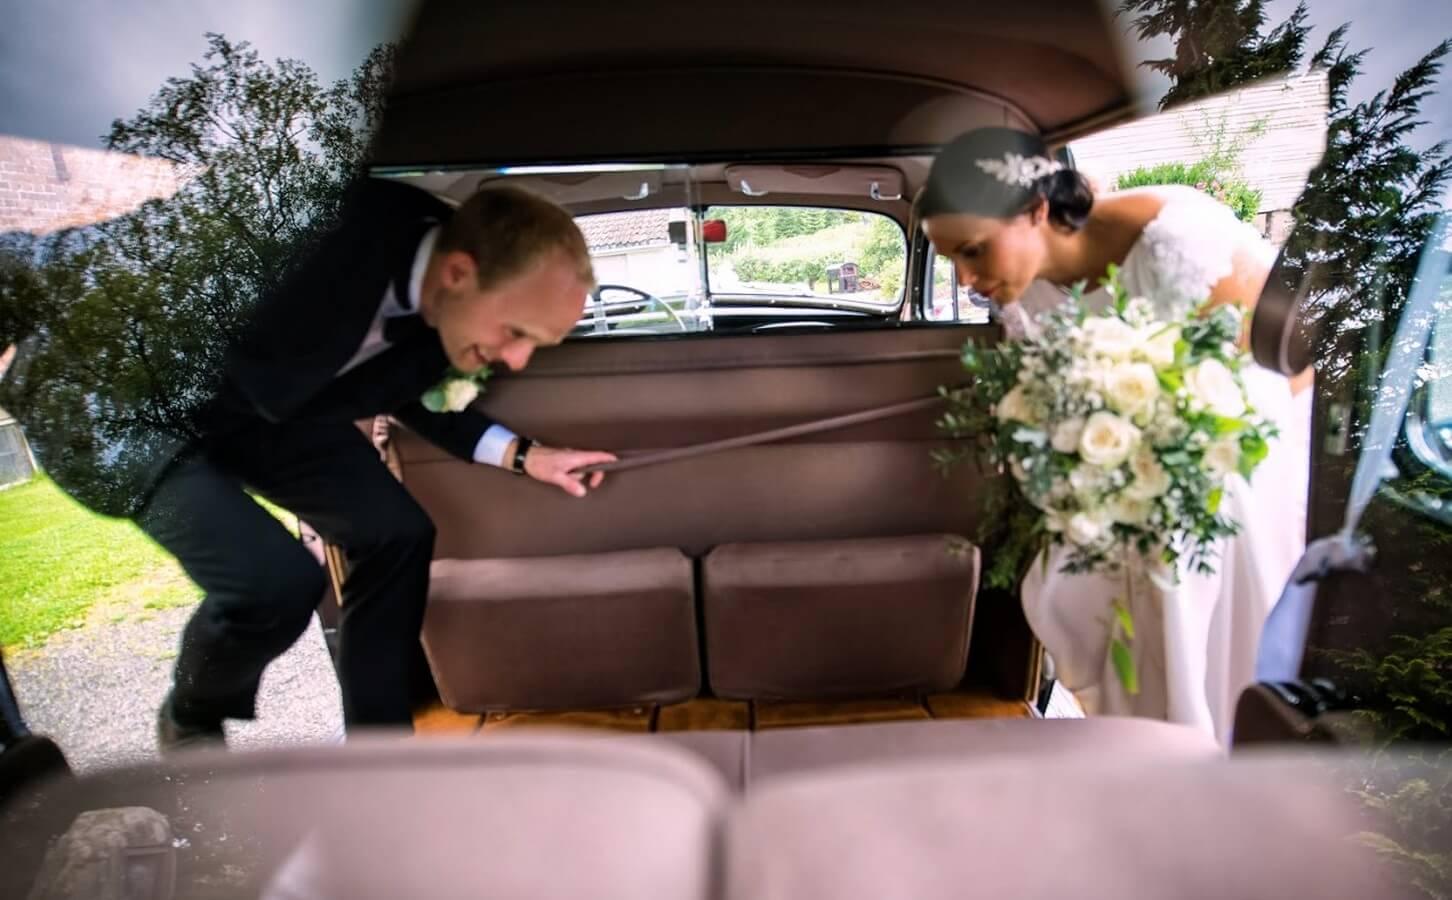 Brudepar går inn i bil